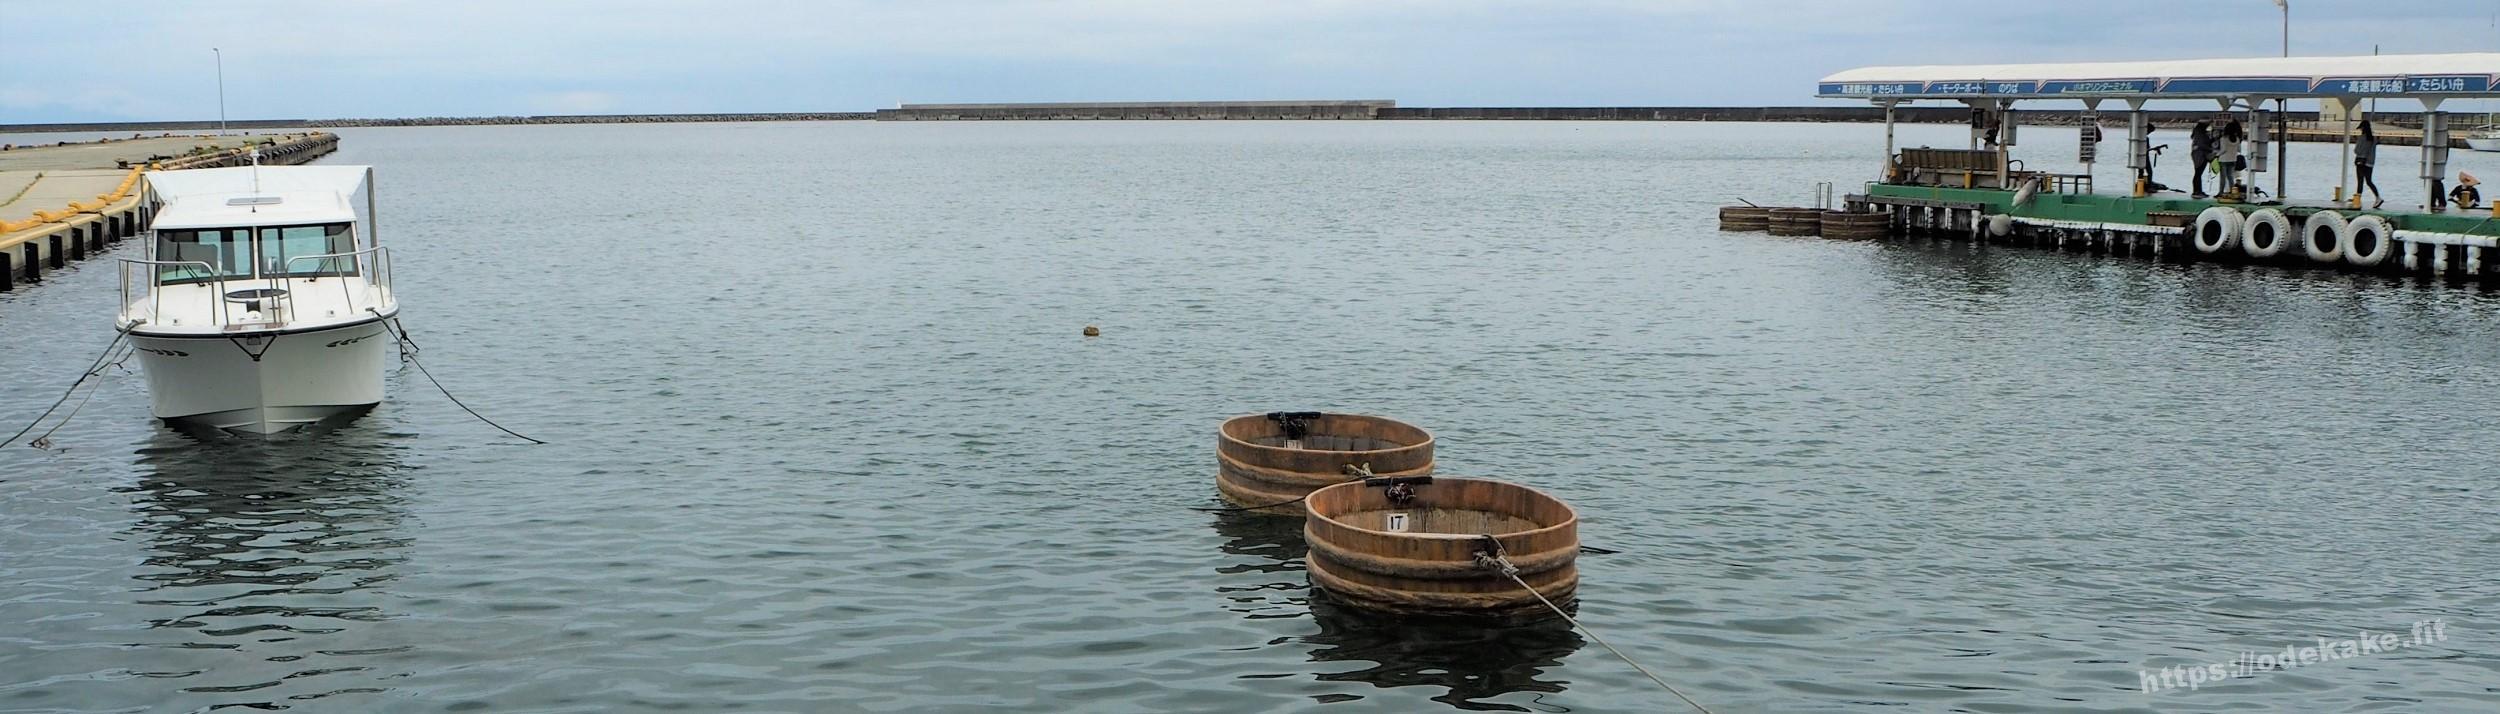 【佐渡】小木港でたらい舟に乗ってみたよ!